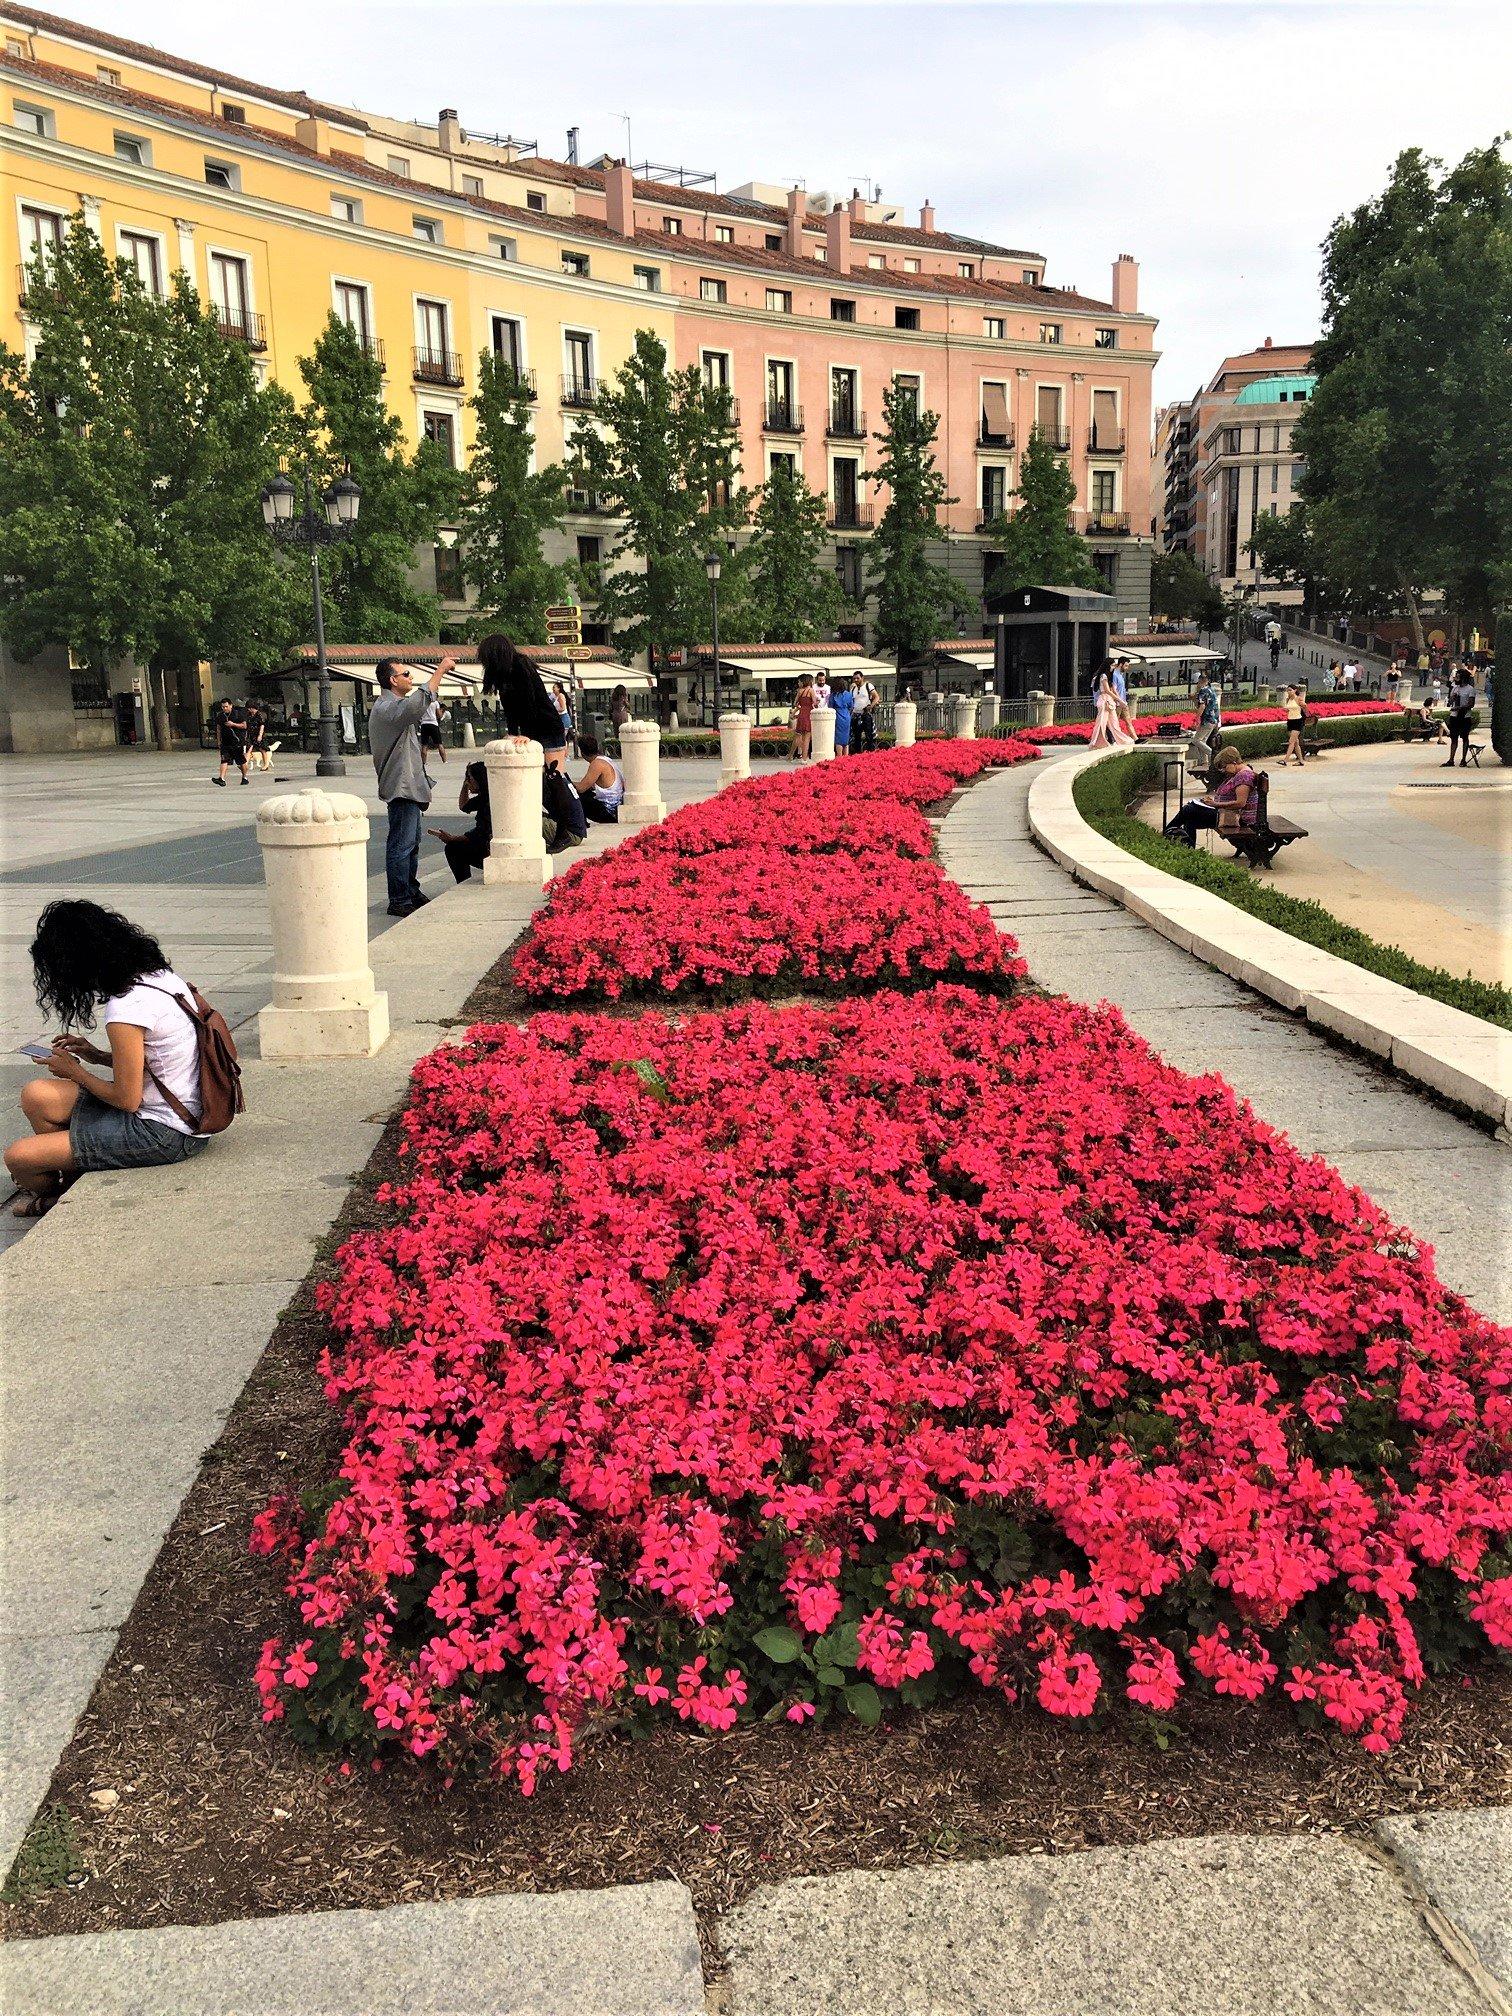 På en rejse til Madrid ser du masser af pladser